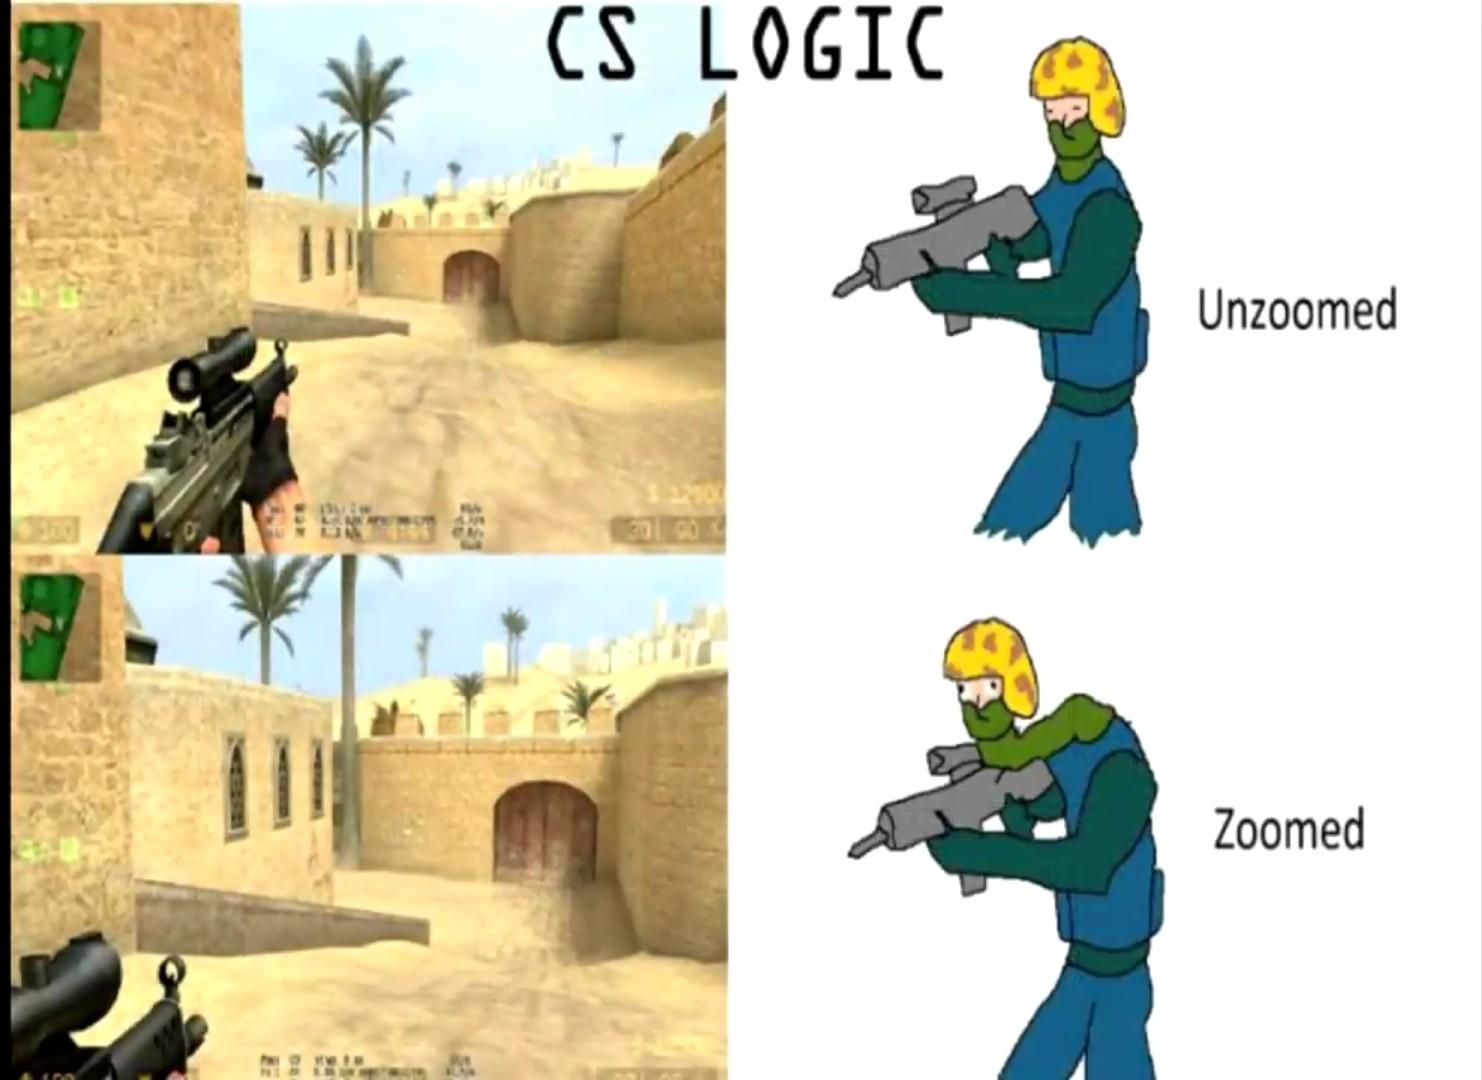 SG 533 - meme